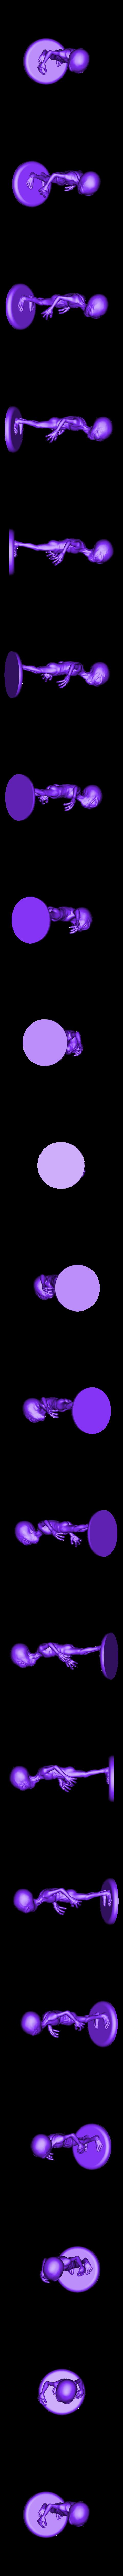 Alien,.stl Télécharger fichier STL gratuit Ailen • Plan pour imprimante 3D, Icenvain